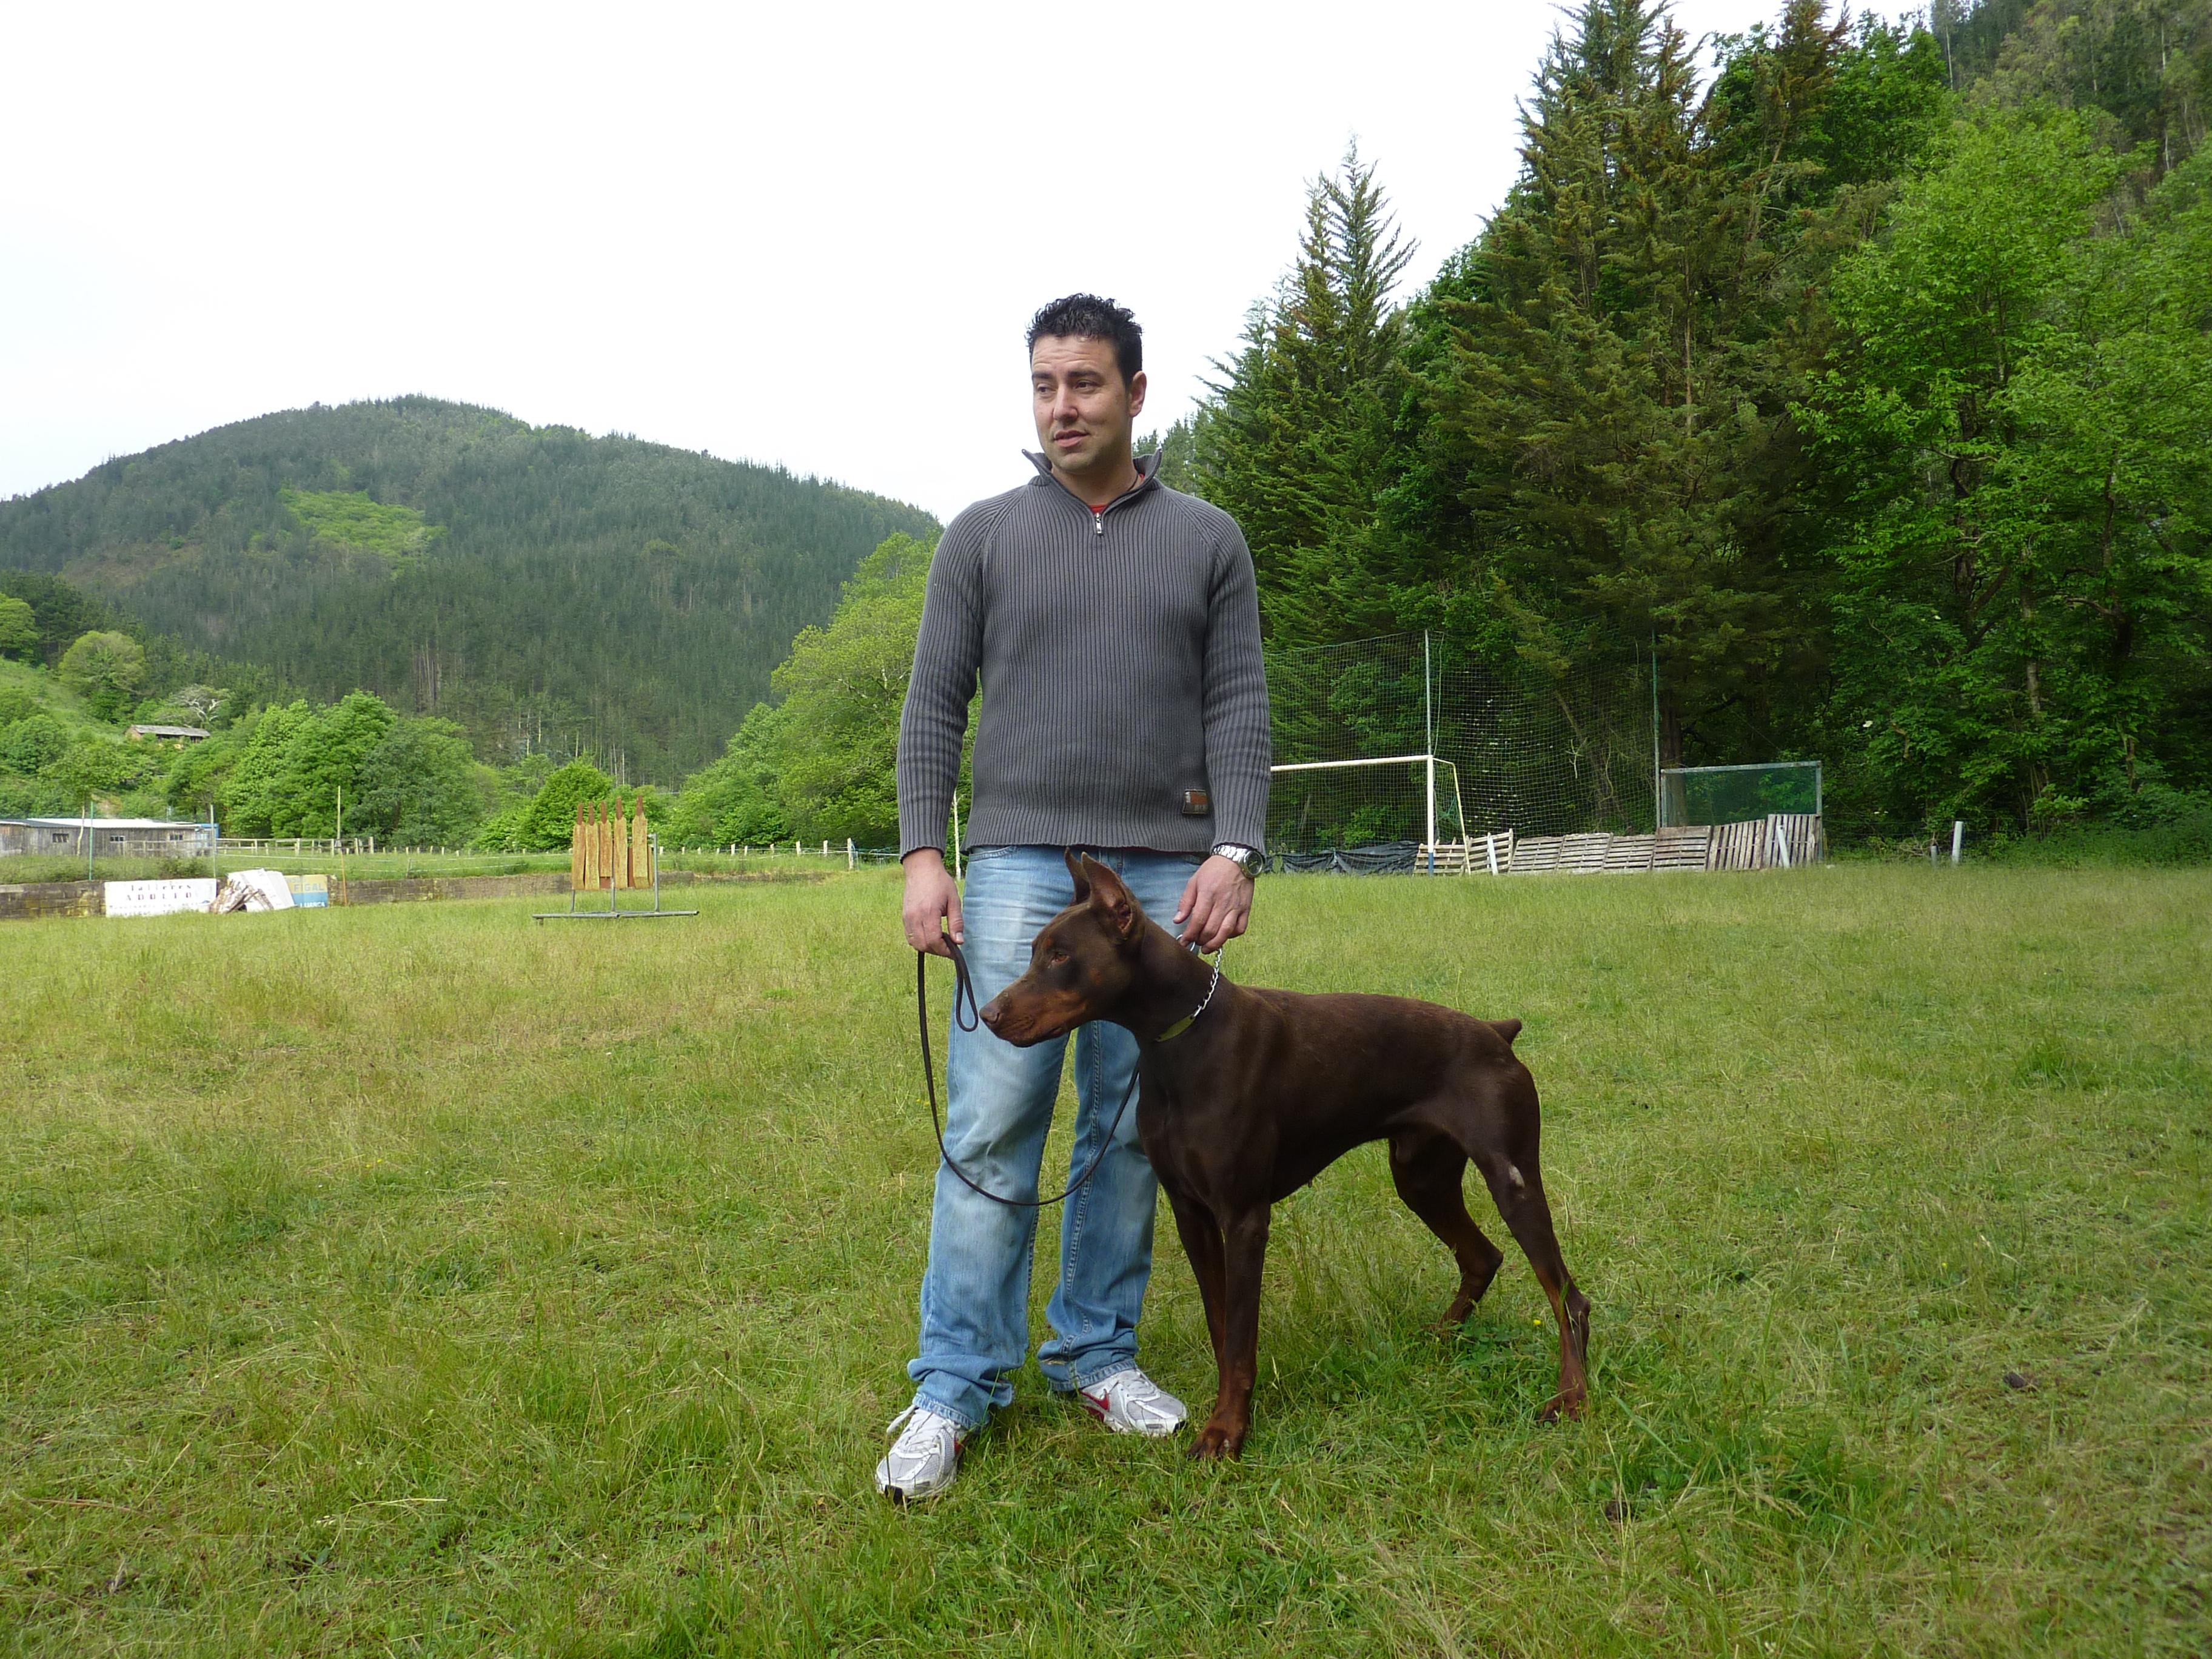 Curso adiestramiento canino Navelgas Asturias (2)